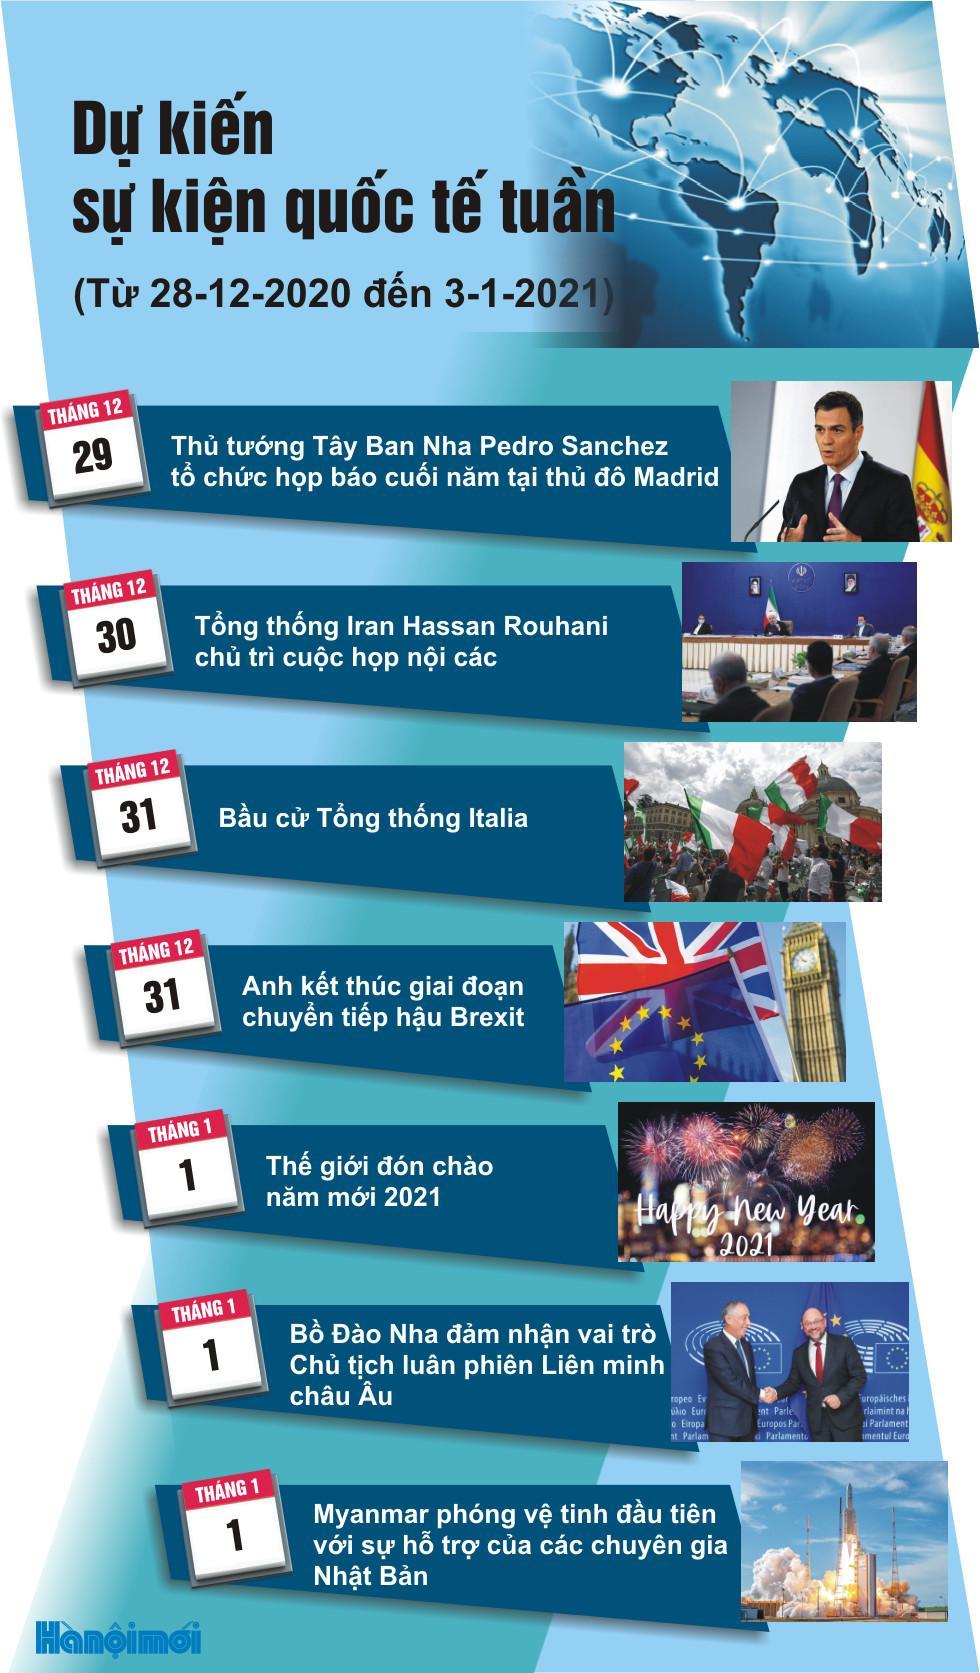 Dự kiến sự kiện quốc tế tuần tới (từ ngày 28-12 đến 3-1) Ảnh 1